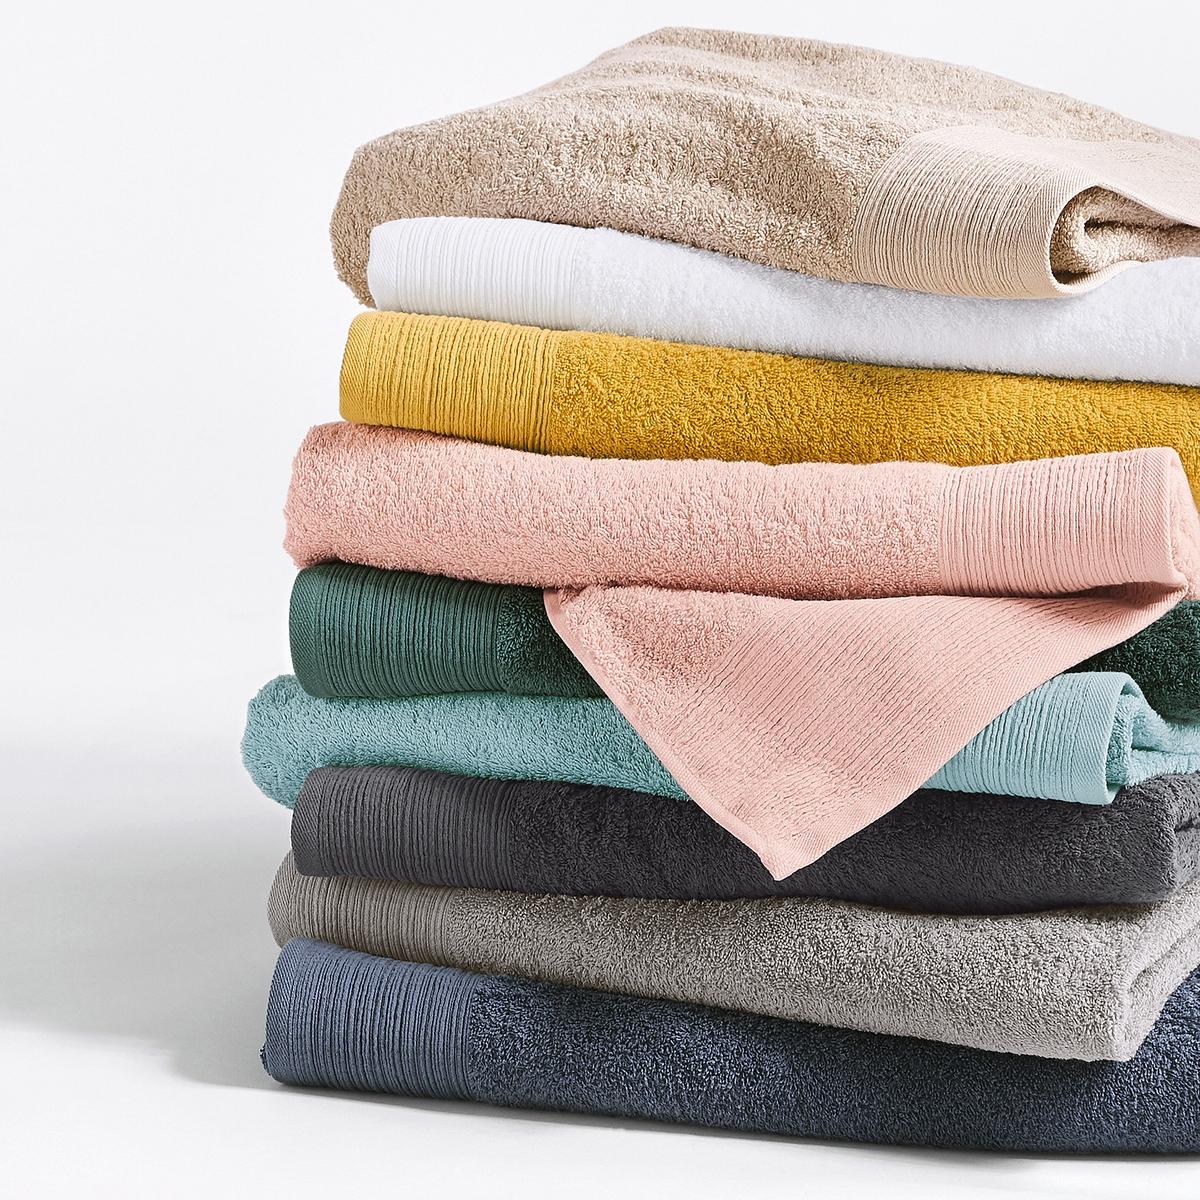 Lote de 2 toalhas de banho bio 500g/m², Scenario